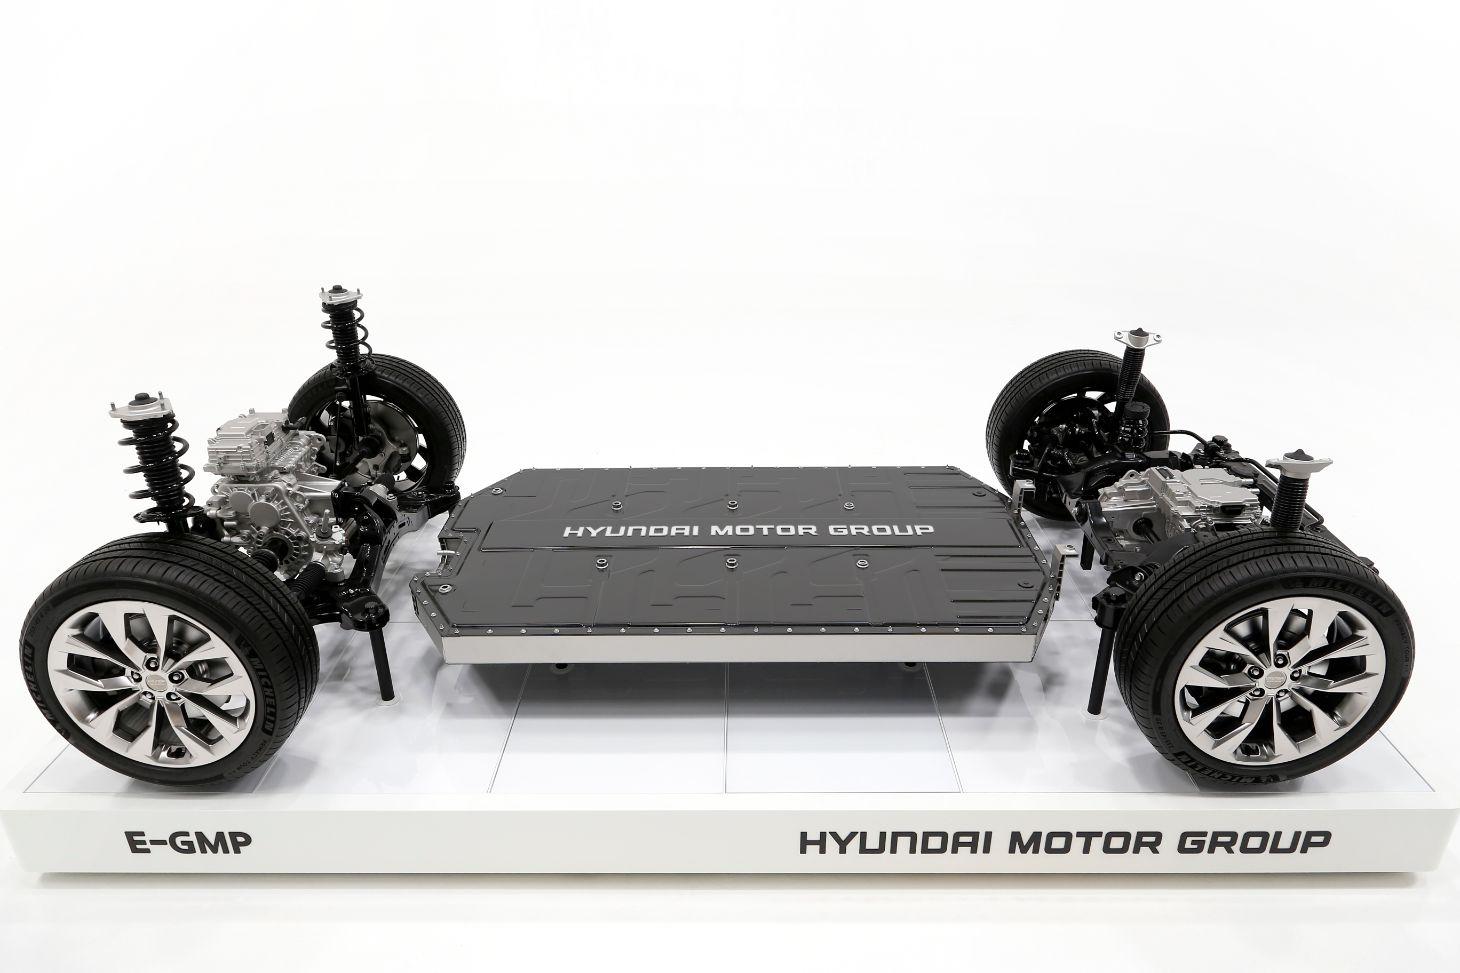 plataforma global para eletricos da hyundai chamada e gmp vista de cima